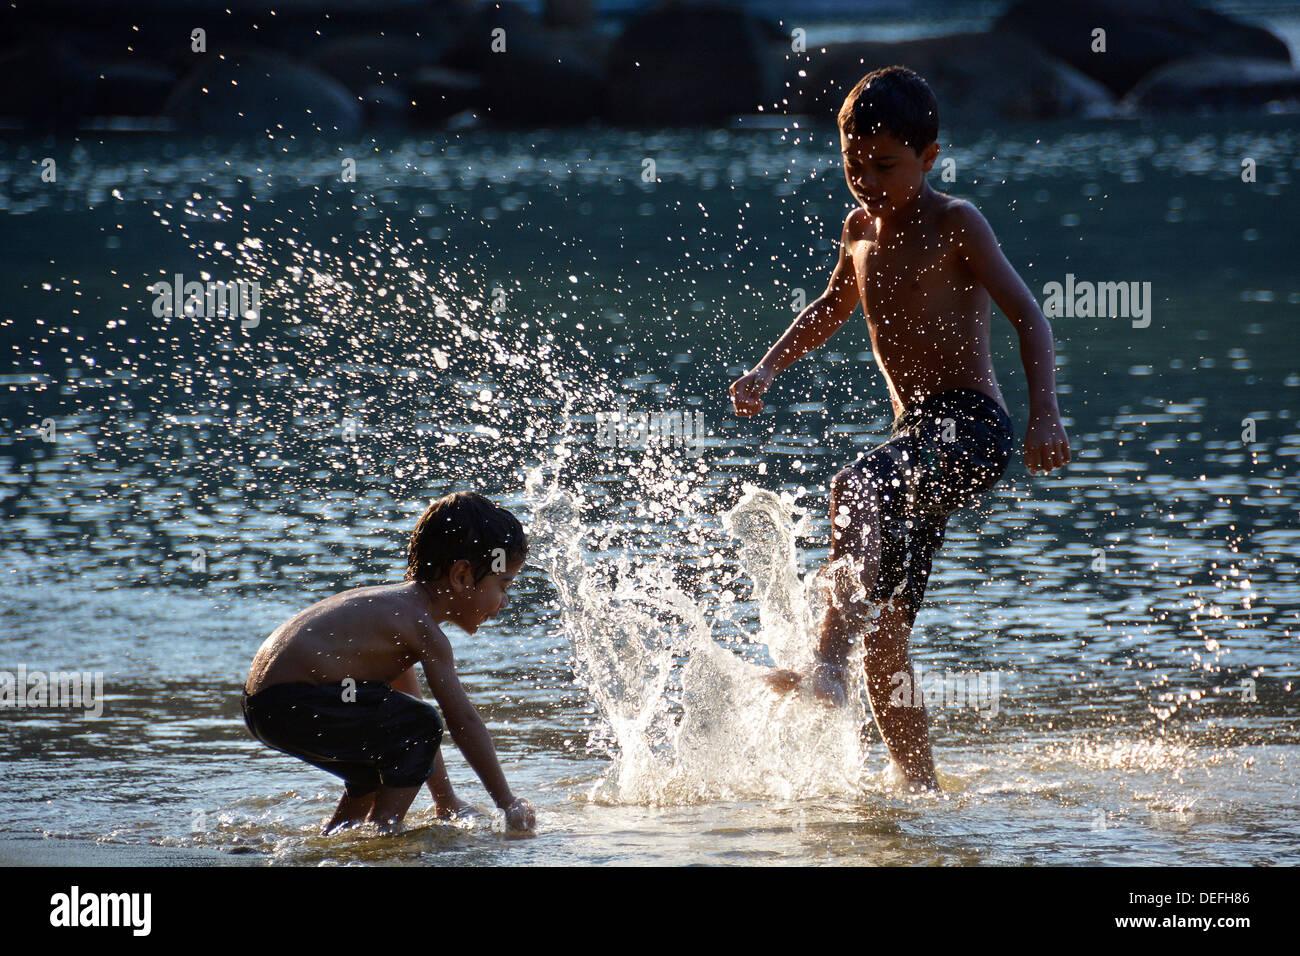 Bambini che giocano sulla spiaggia di lopes mendes, Ilha Grande, stato di Rio de janeiro, Brasile Immagini Stock